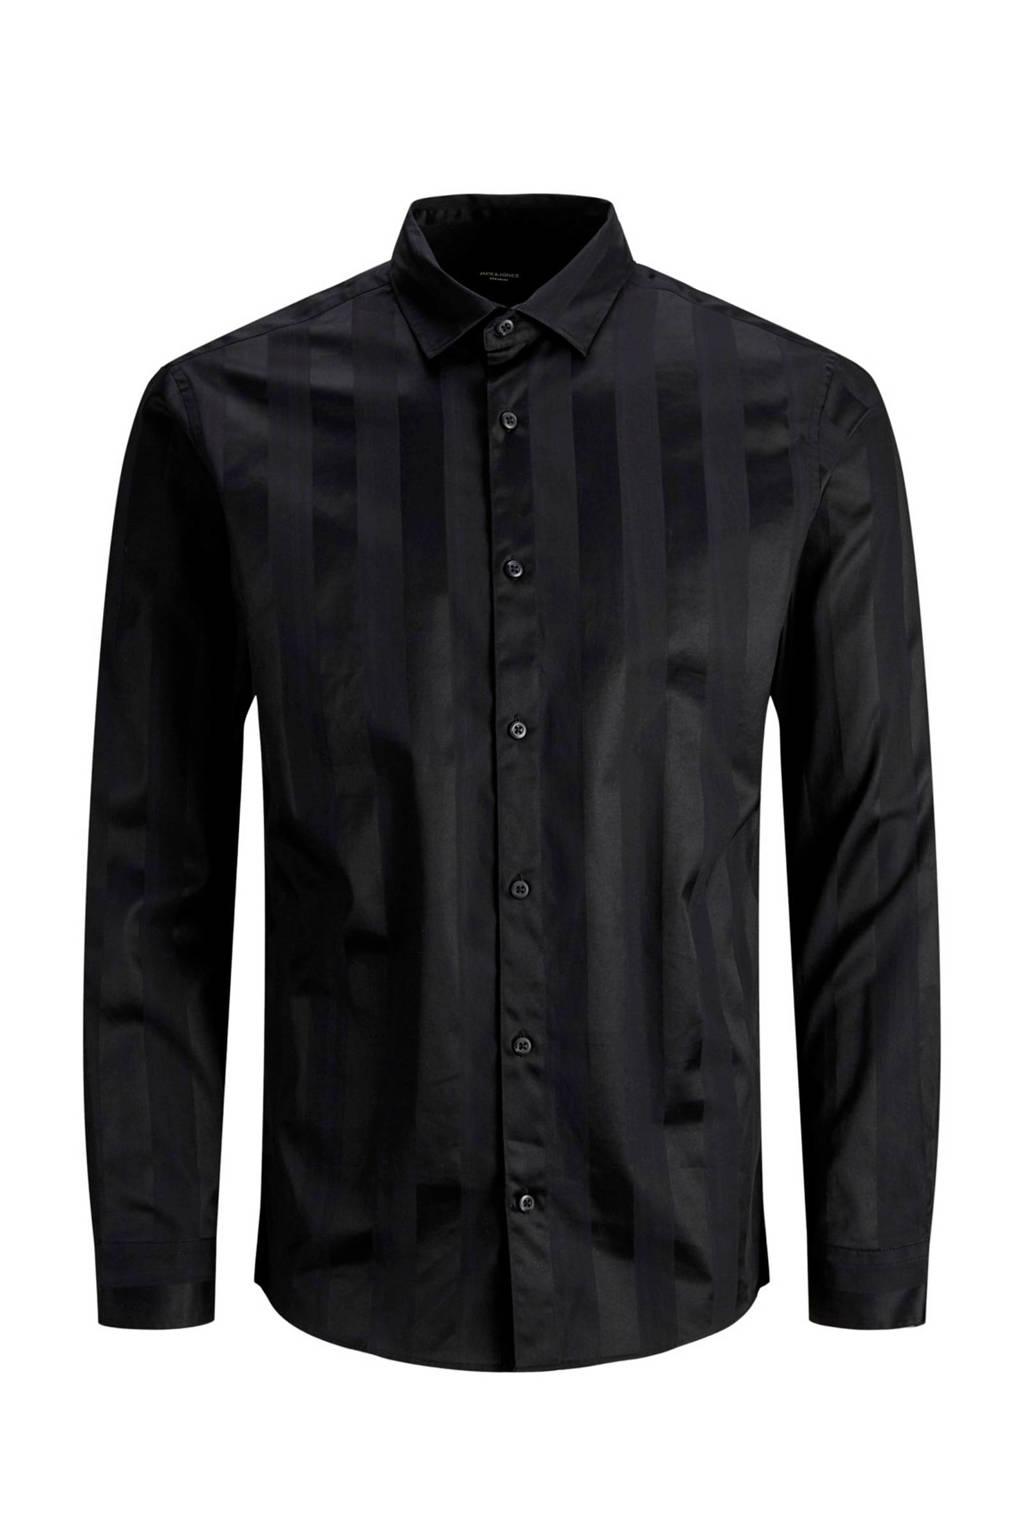 JACK & JONES PREMIUM slim fit overhemd zwart, Zwart